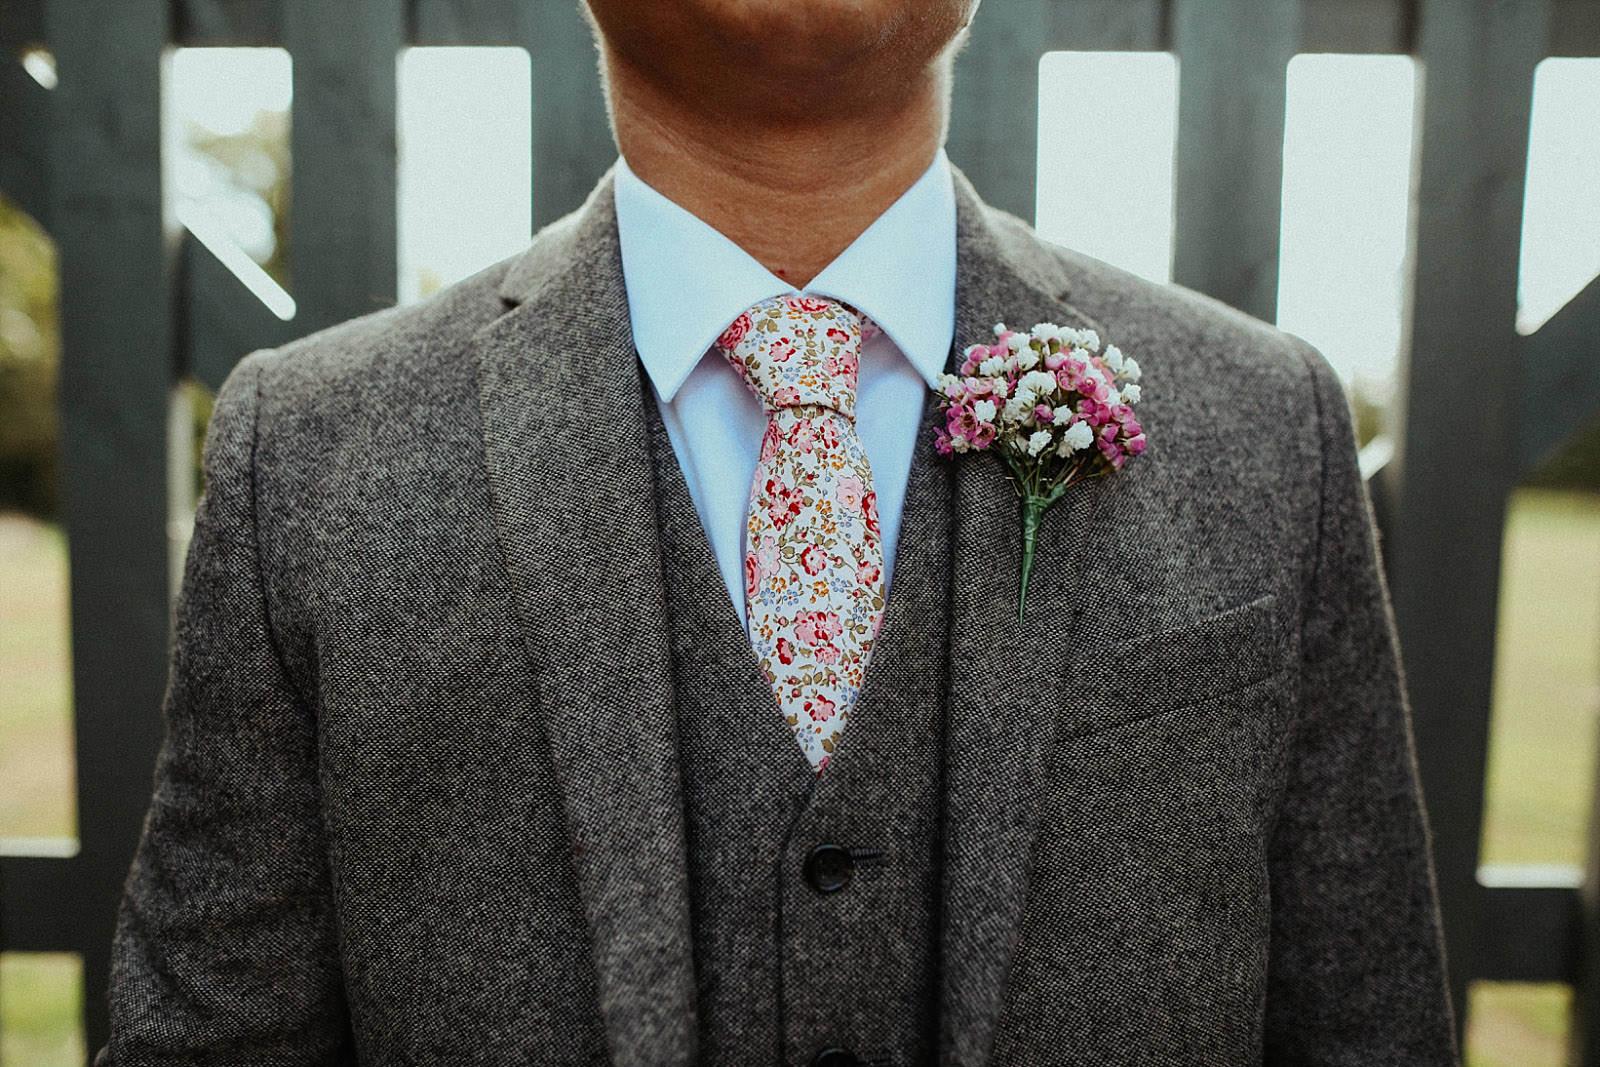 flowery grooms tie and pocket square on tweed suit